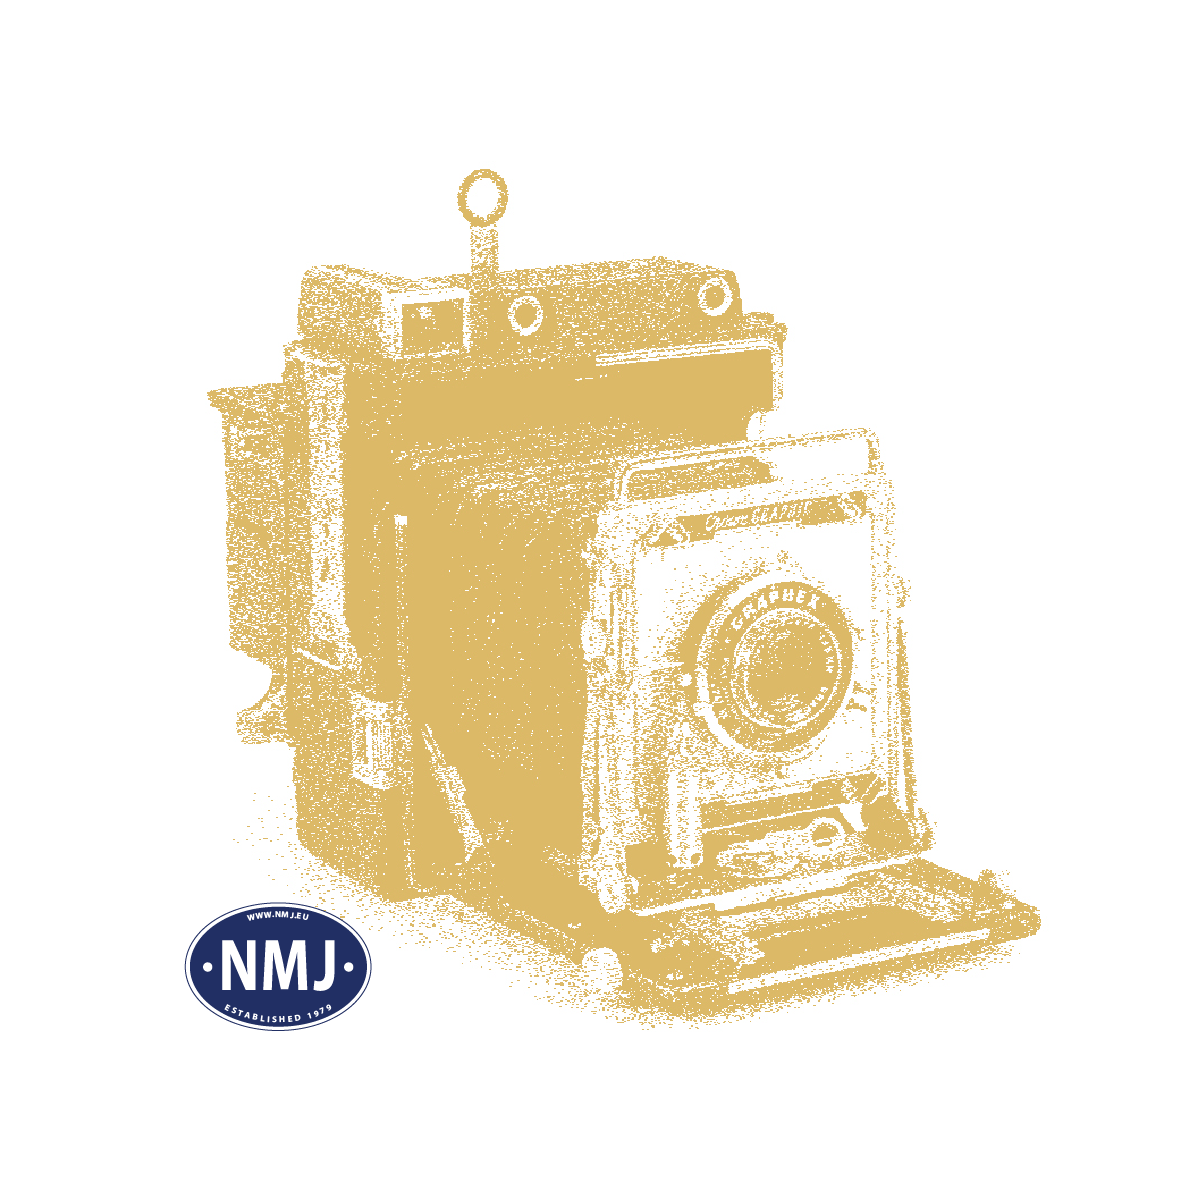 NMJT204.402 - NMJ Topline SJ B1K 5106, 2 kl. Personvogn, blå/sort design V.2